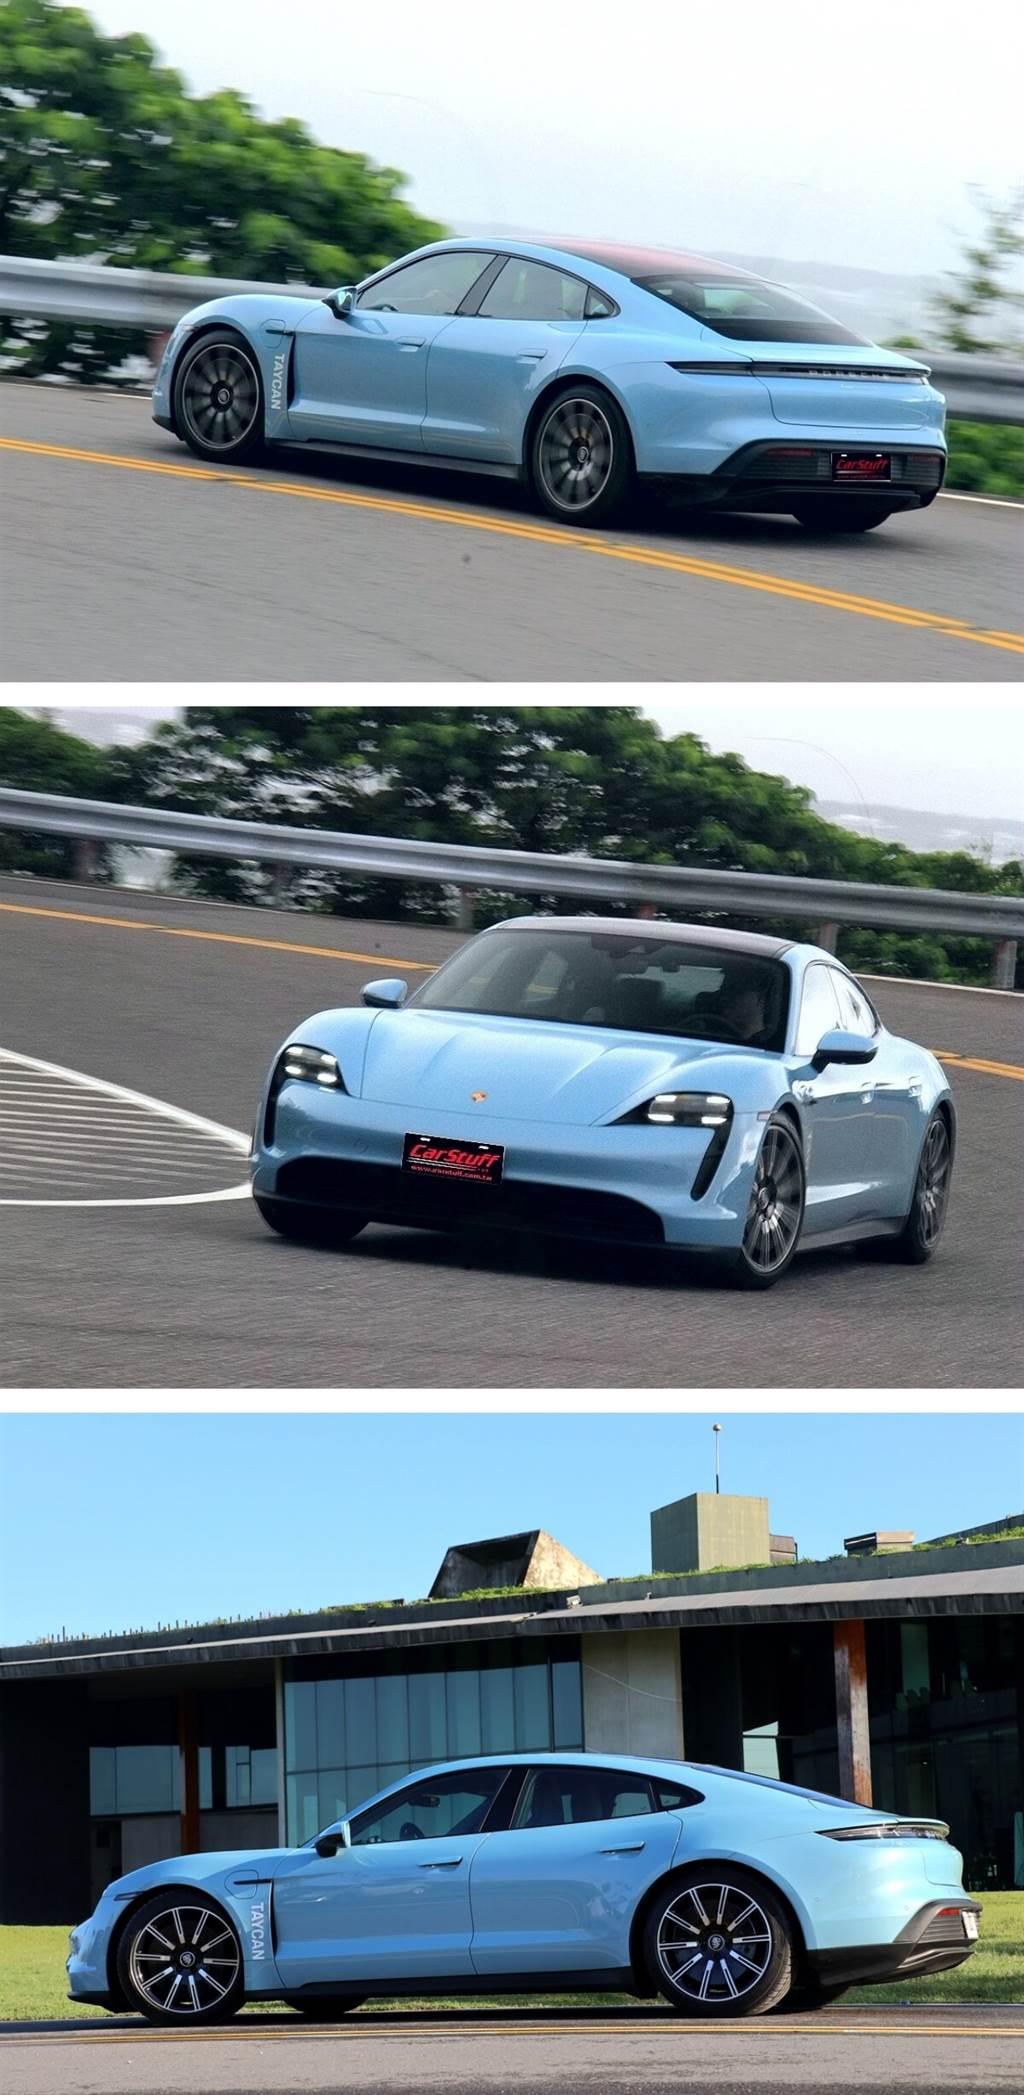 擁有0.22 cd特低風阻係數的Taycan,造型可說是Panamera與911的融合,當然長的身形讓他看起來就像Panamera,車長為4,963mm、車寬1,966mm、車高1,378mm,軸距則達到2,900mm,車身尺碼較Panamera略小(但軸距相近),屬於C-Segment。而頭尾的輪廓則比Panamera更趨近於911的隆起外擴感。